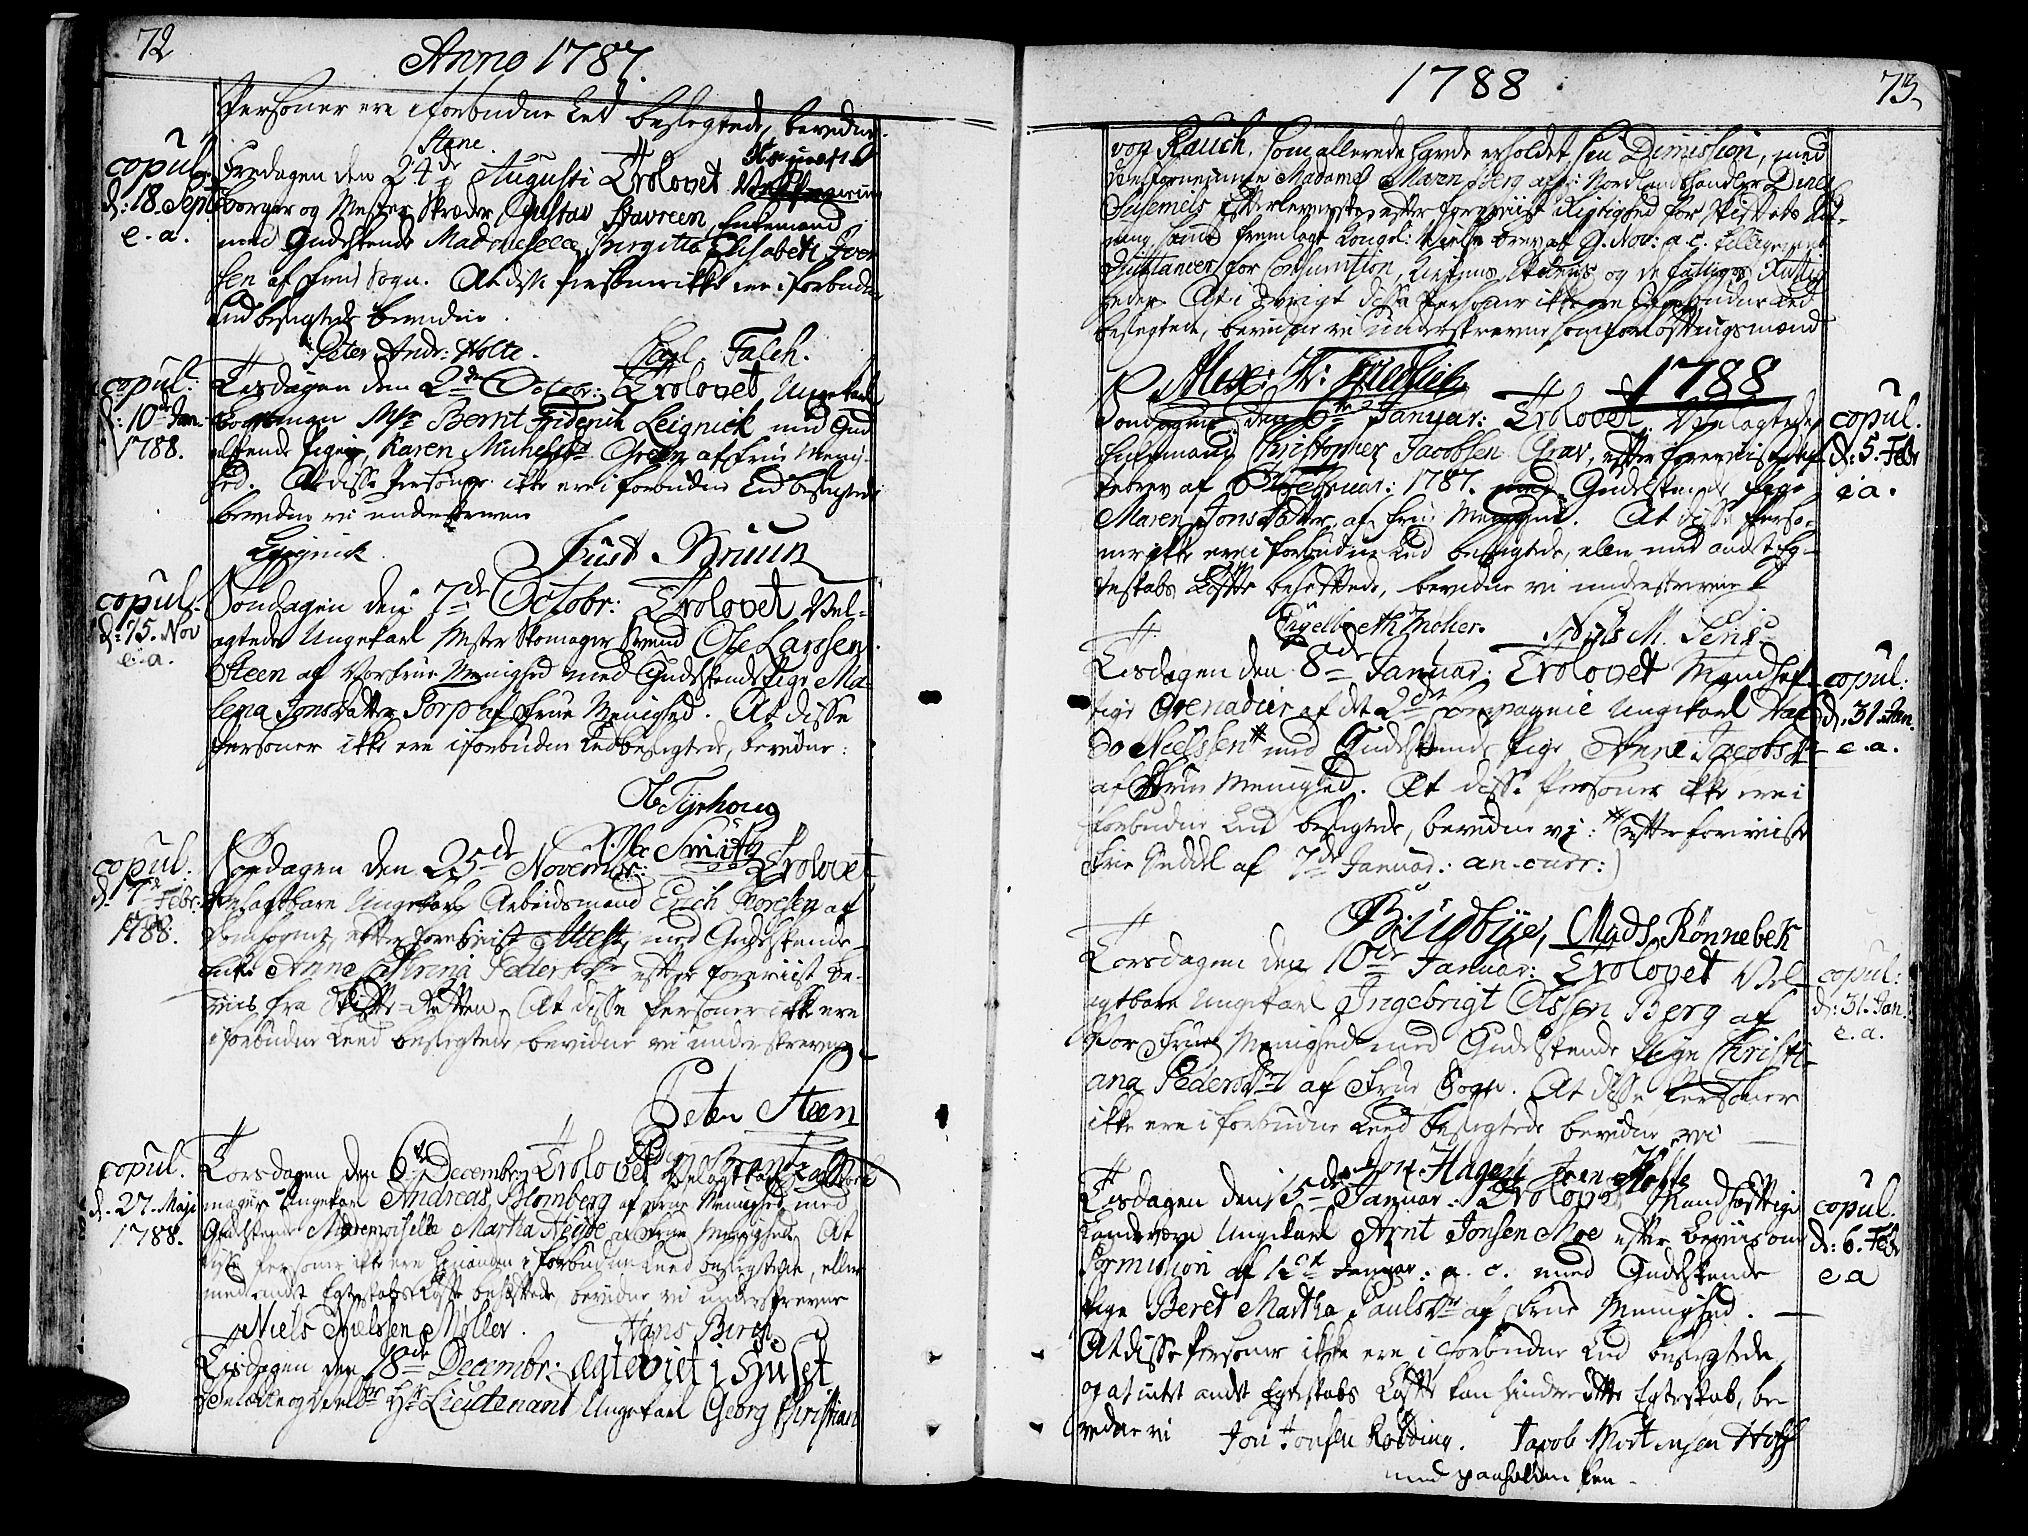 SAT, Ministerialprotokoller, klokkerbøker og fødselsregistre - Sør-Trøndelag, 602/L0105: Ministerialbok nr. 602A03, 1774-1814, s. 72-73